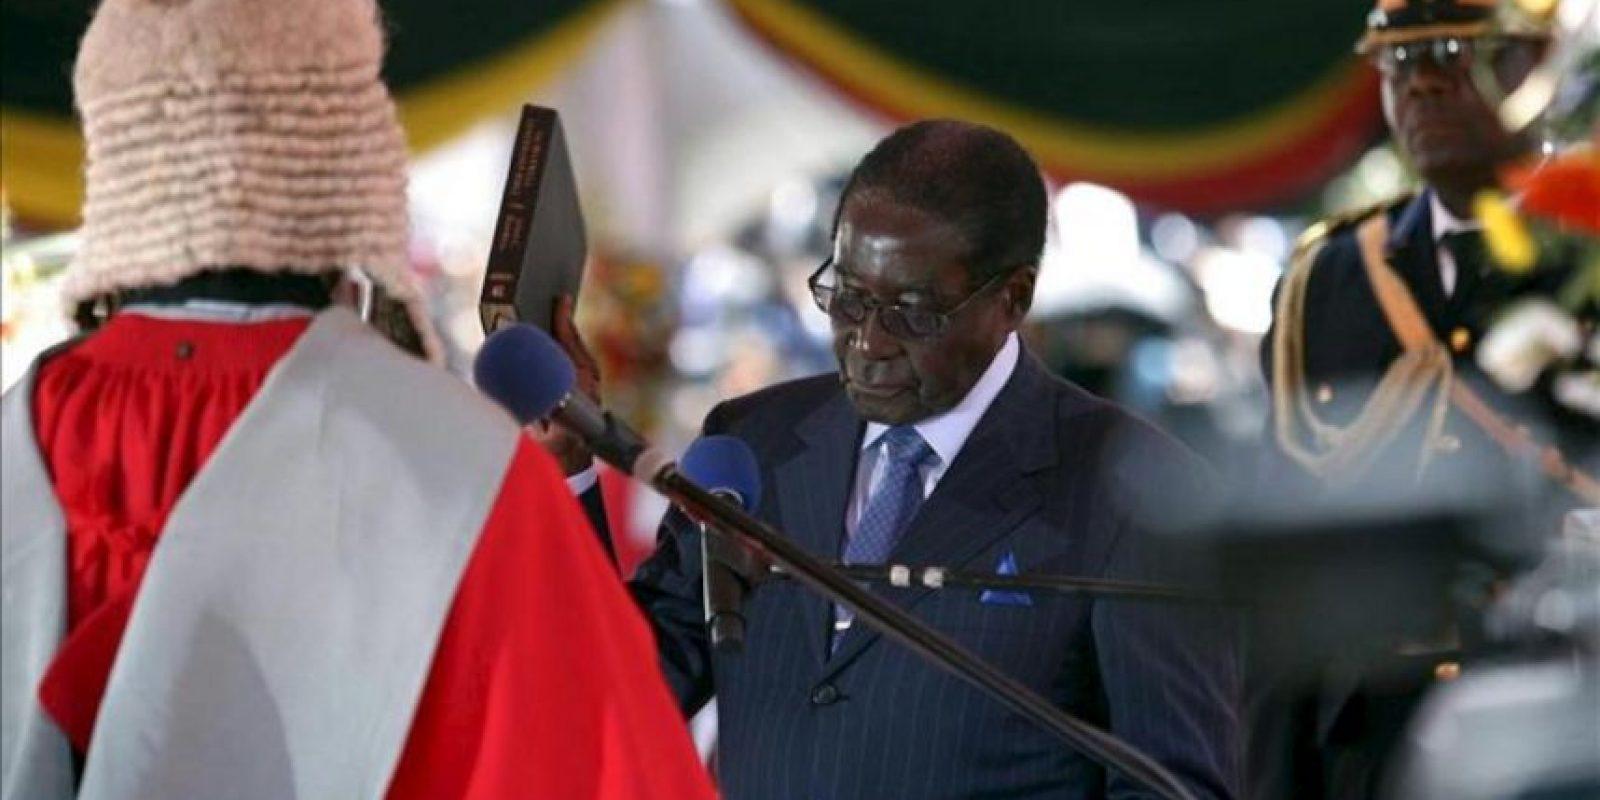 El presidente de Zimbabue, Robert Mugabe (d), ha jurado el cargo para un séptimo mandato consecutivo tras llevar más de tres décadas en el poder ante el Presidente del Tribunal supremo, Godfrey Chidyausiku (i), hoy, jueves 22 de agosto de 2013, en Harare, la capital zimbabuense. Su rival, el líder del Movimiento por el Cambio Democrático y Primer Ministro, Morgan Tsvangirai, ha boicoteado la ceremonia alegando fraude. EFE